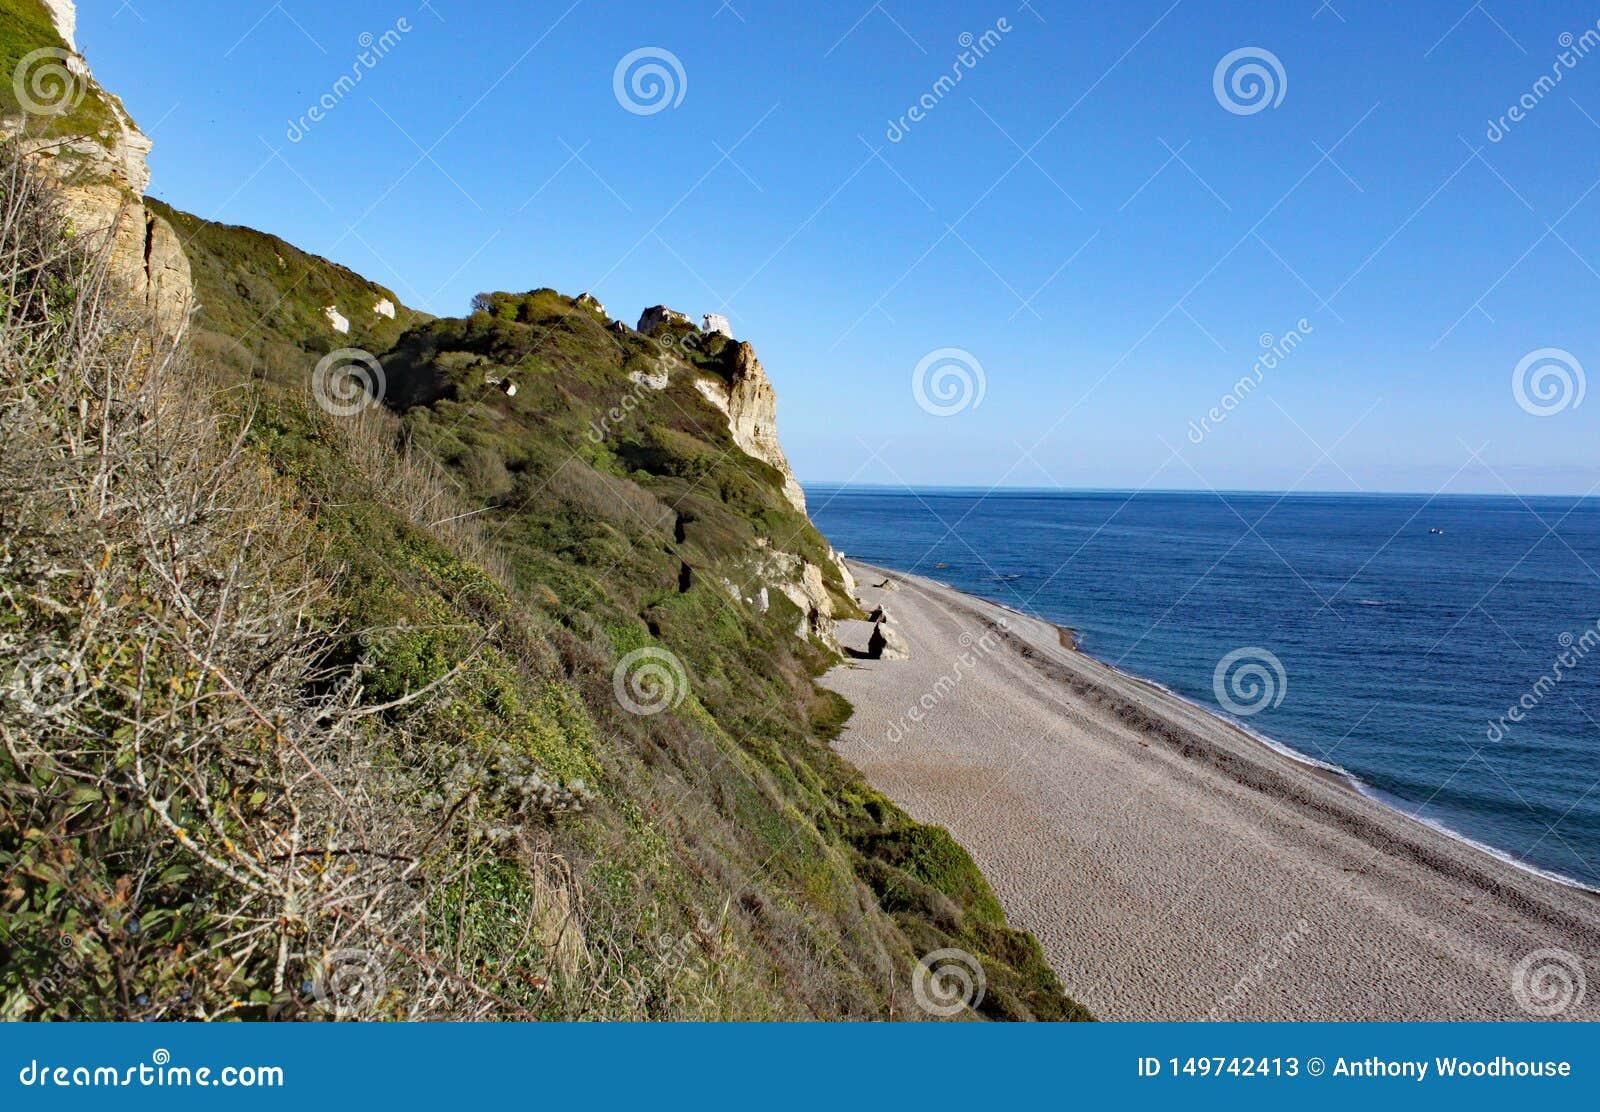 La spiaggia lunga dell assicella a Brancombe in Devon, Inghilterra